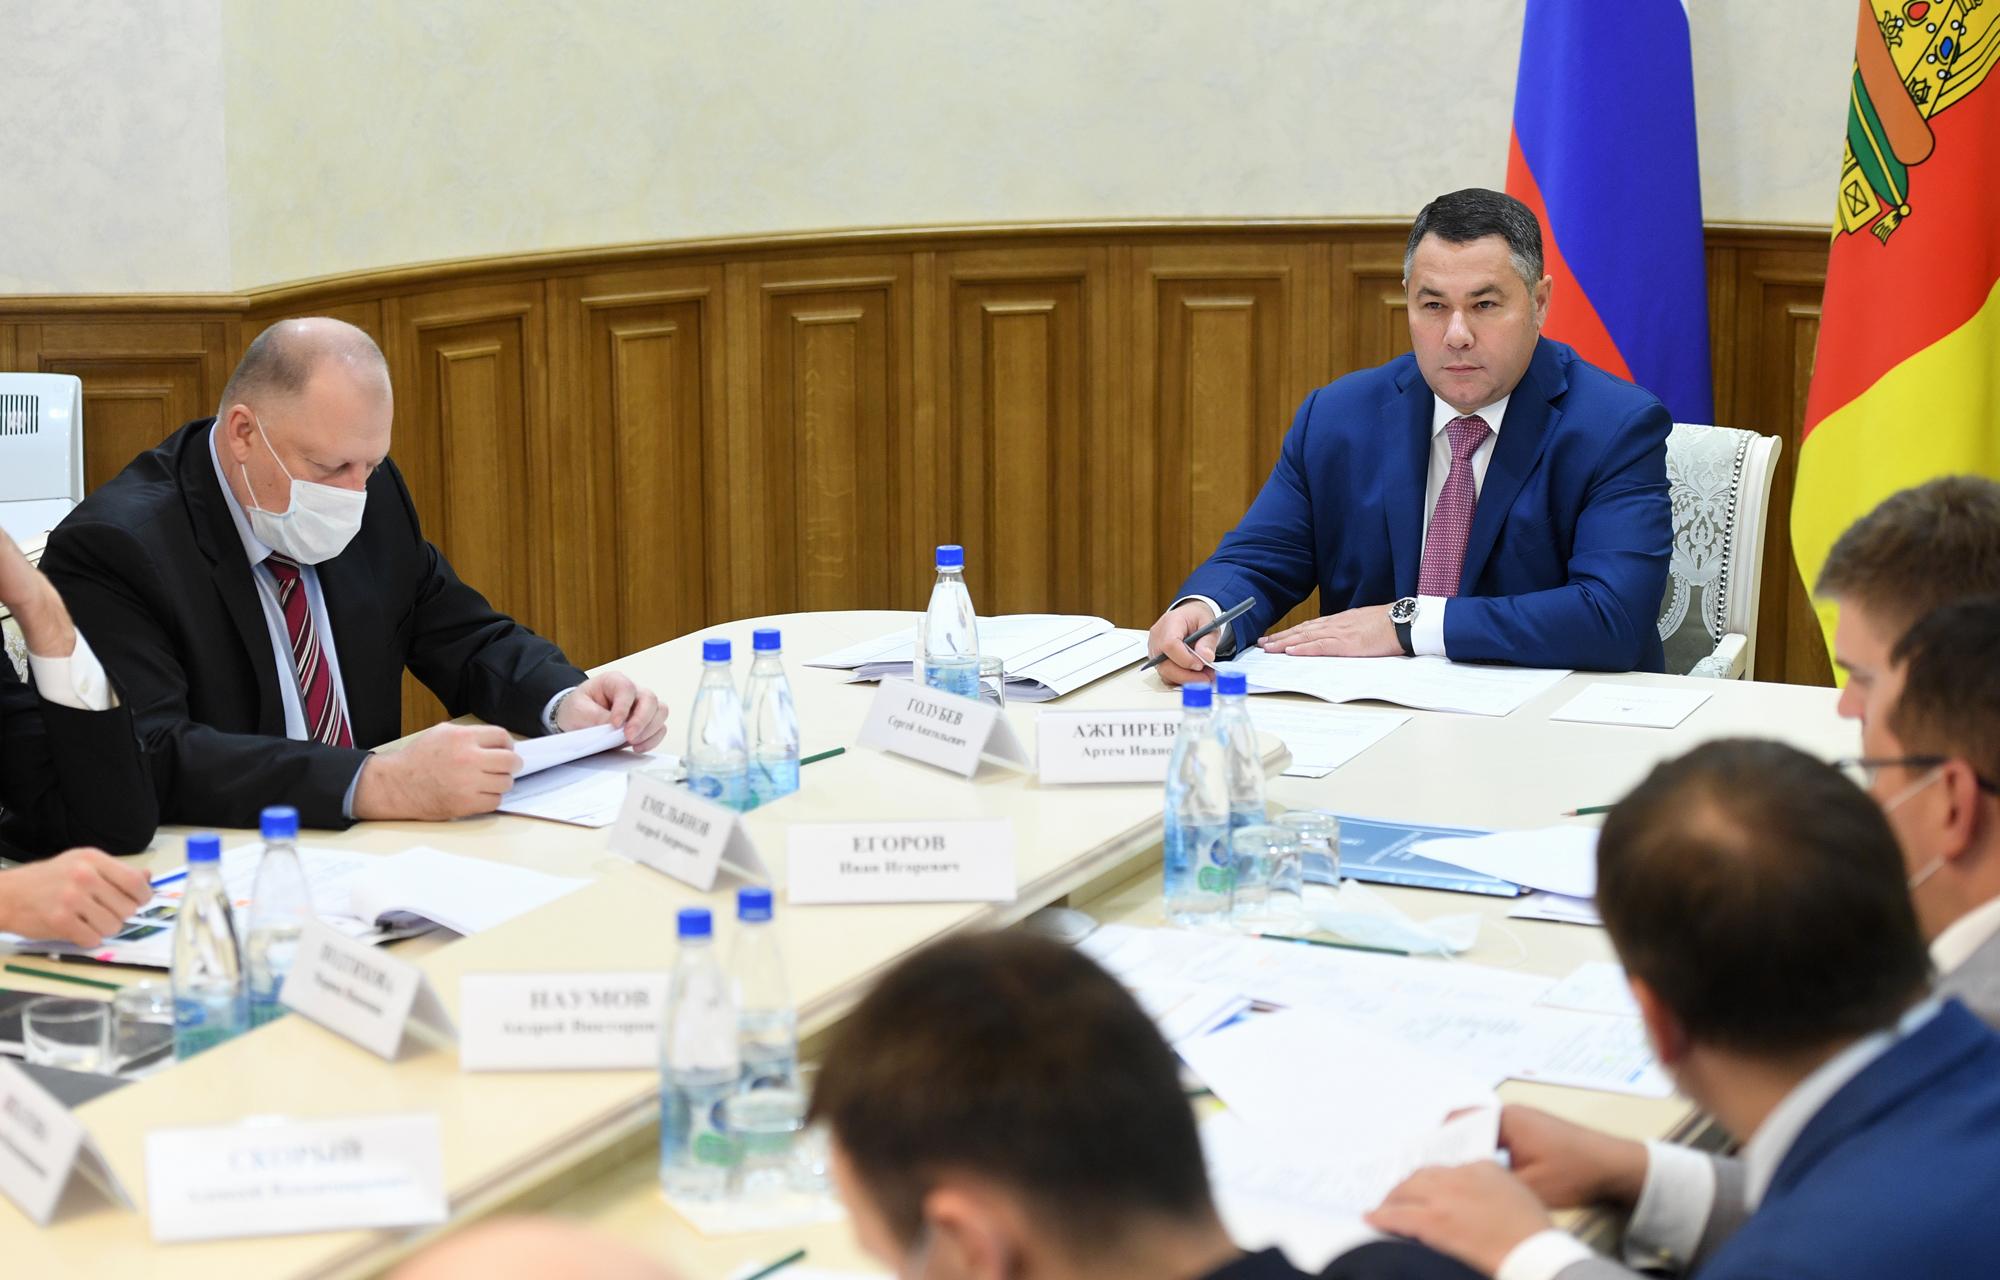 В Тверской области медики, работающие с больными COVID-19, продолжают получать выплаты